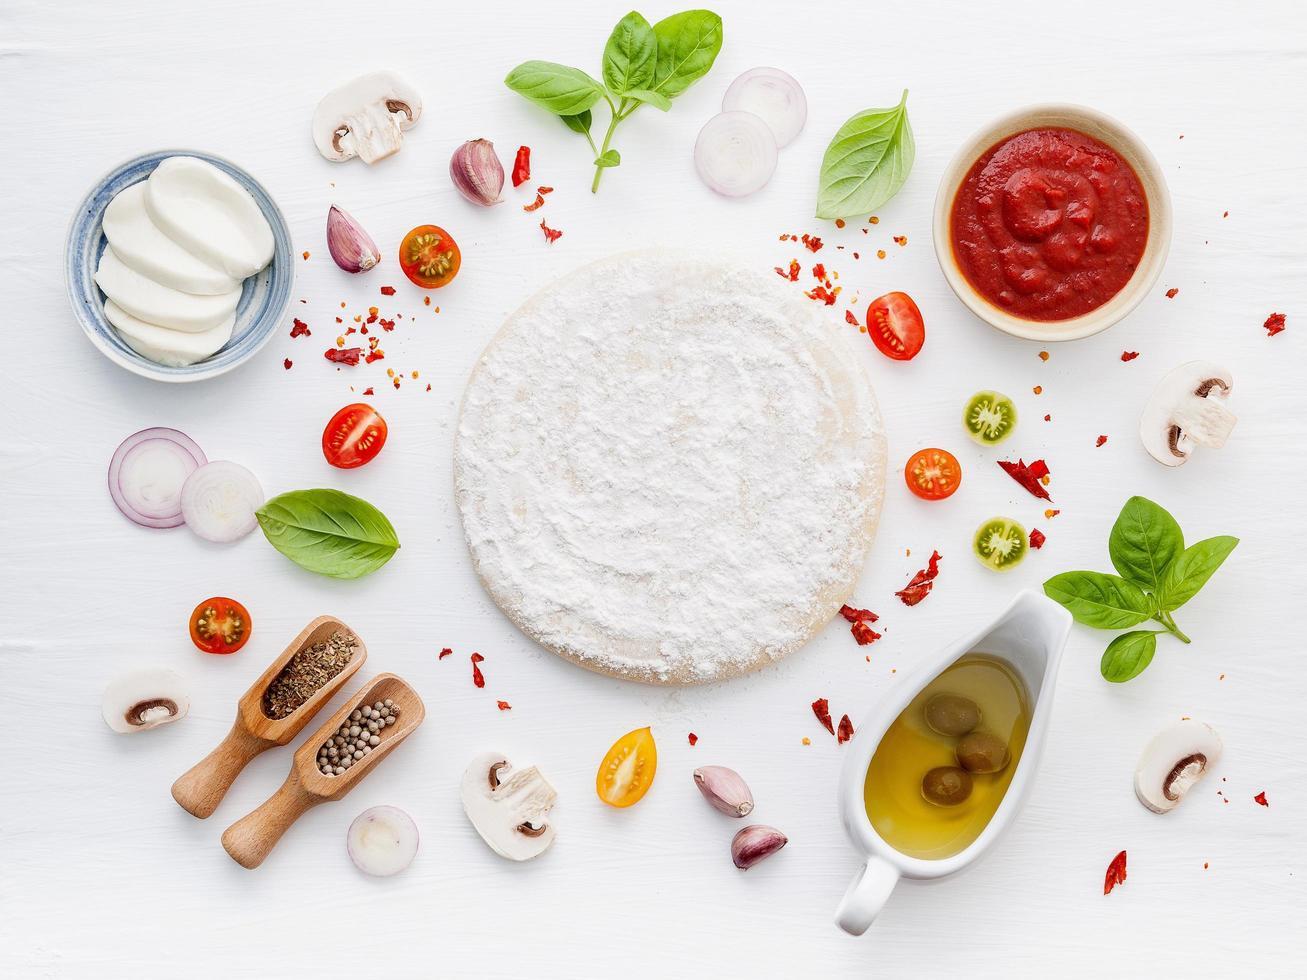 de verse ingrediënten van het pizzadeeg op wit foto